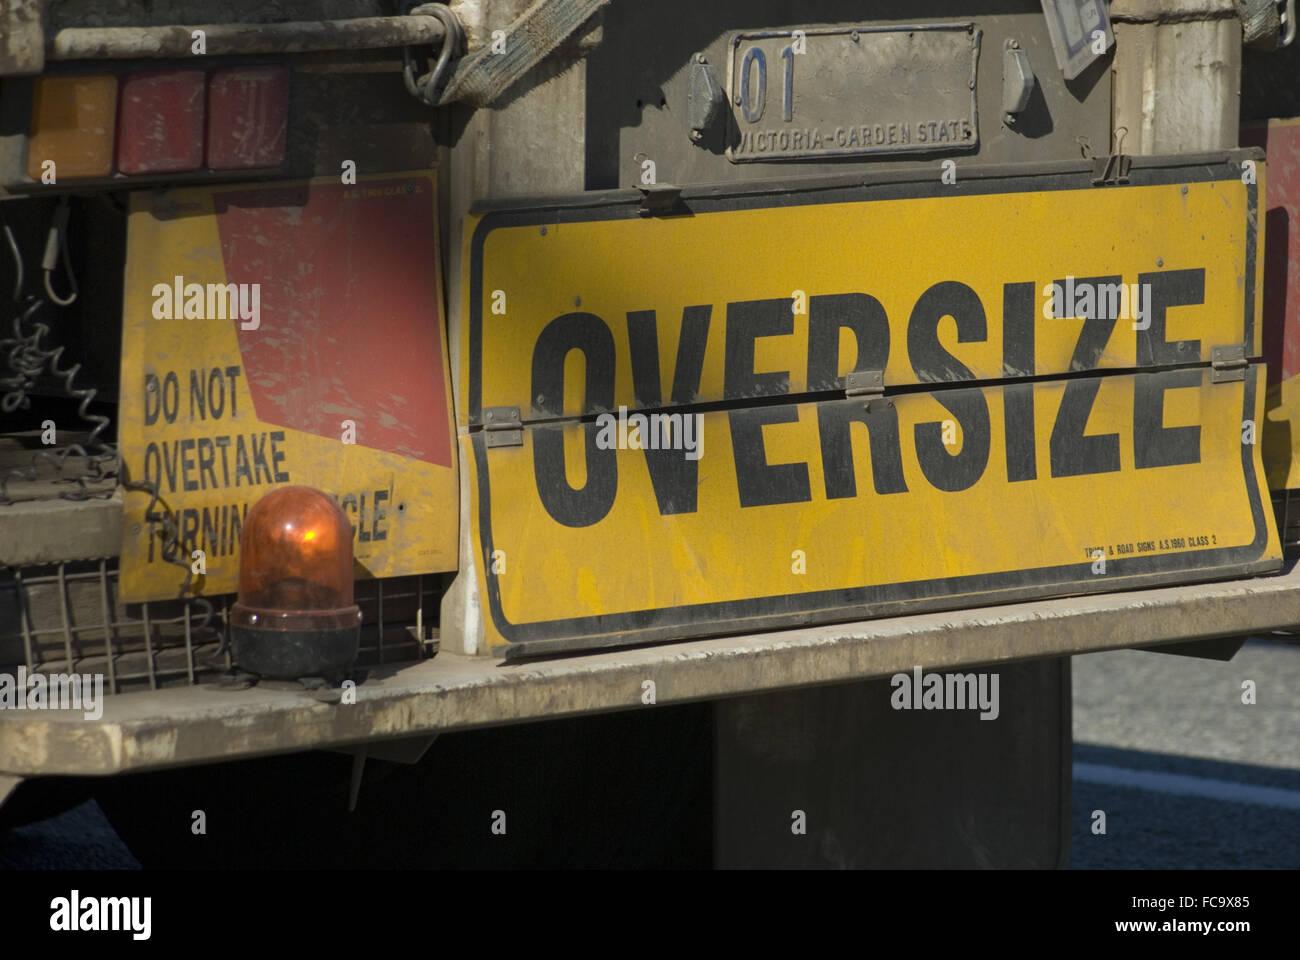 oversize load - Stock Image